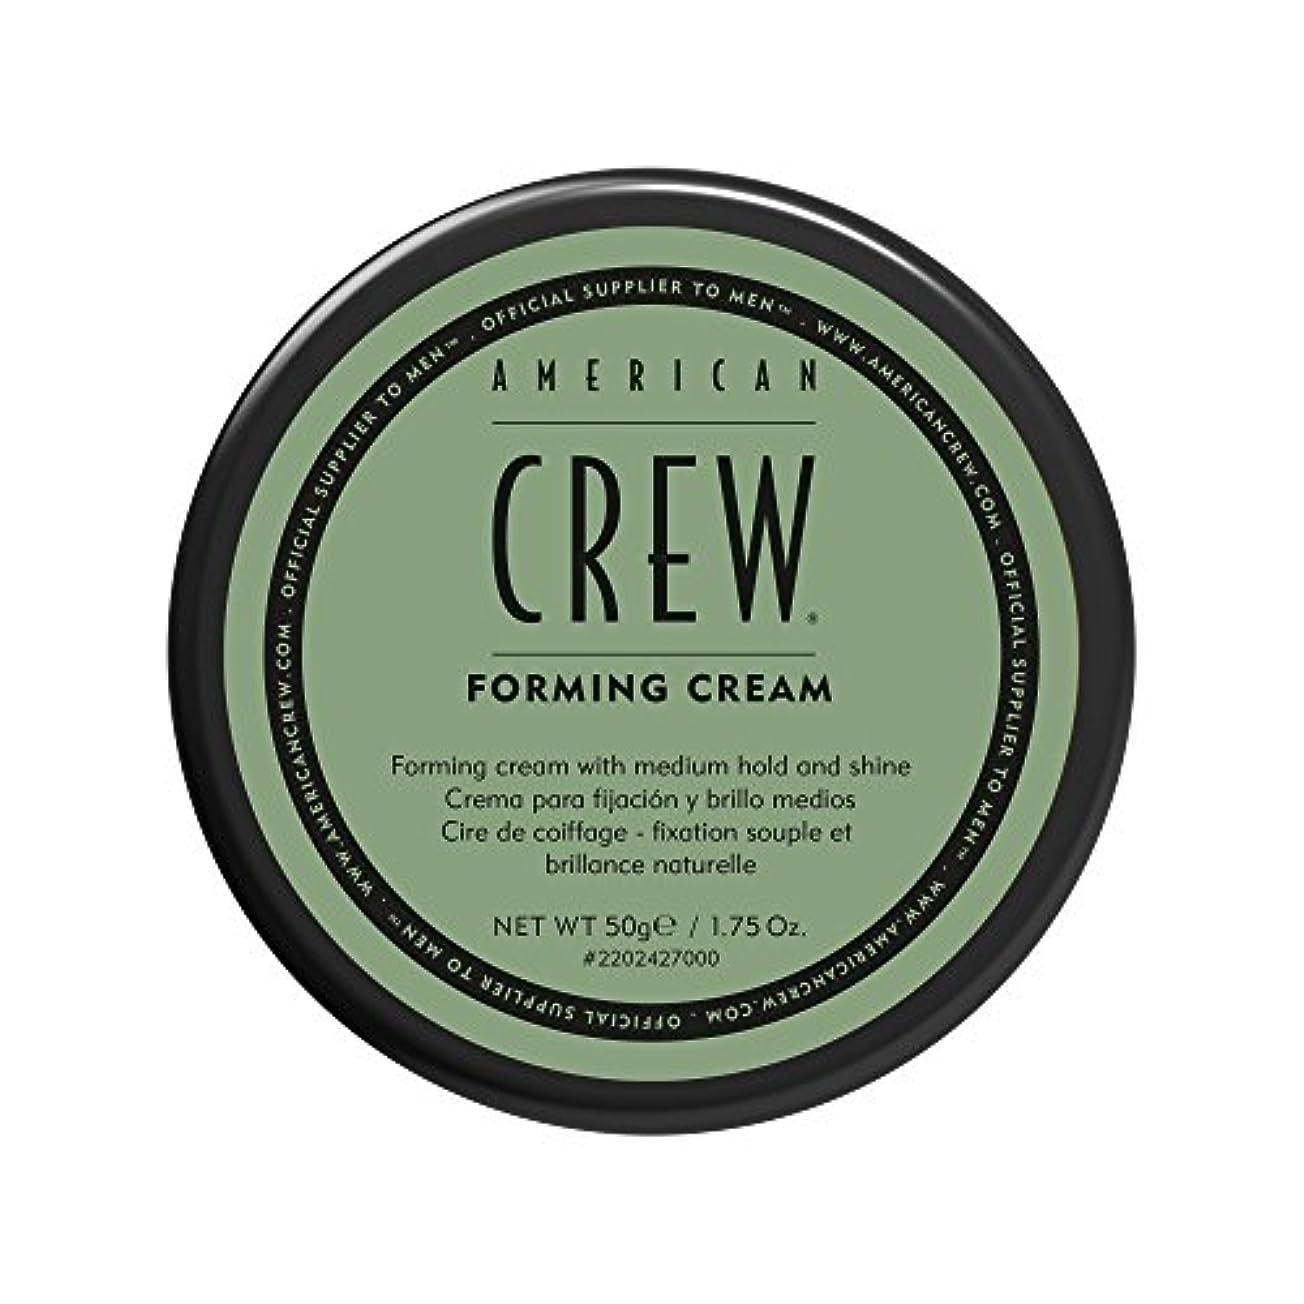 私たちの超高層ビル信仰by American Crew FORMING CREAM 1.75 OZ by AMERICAN CREW